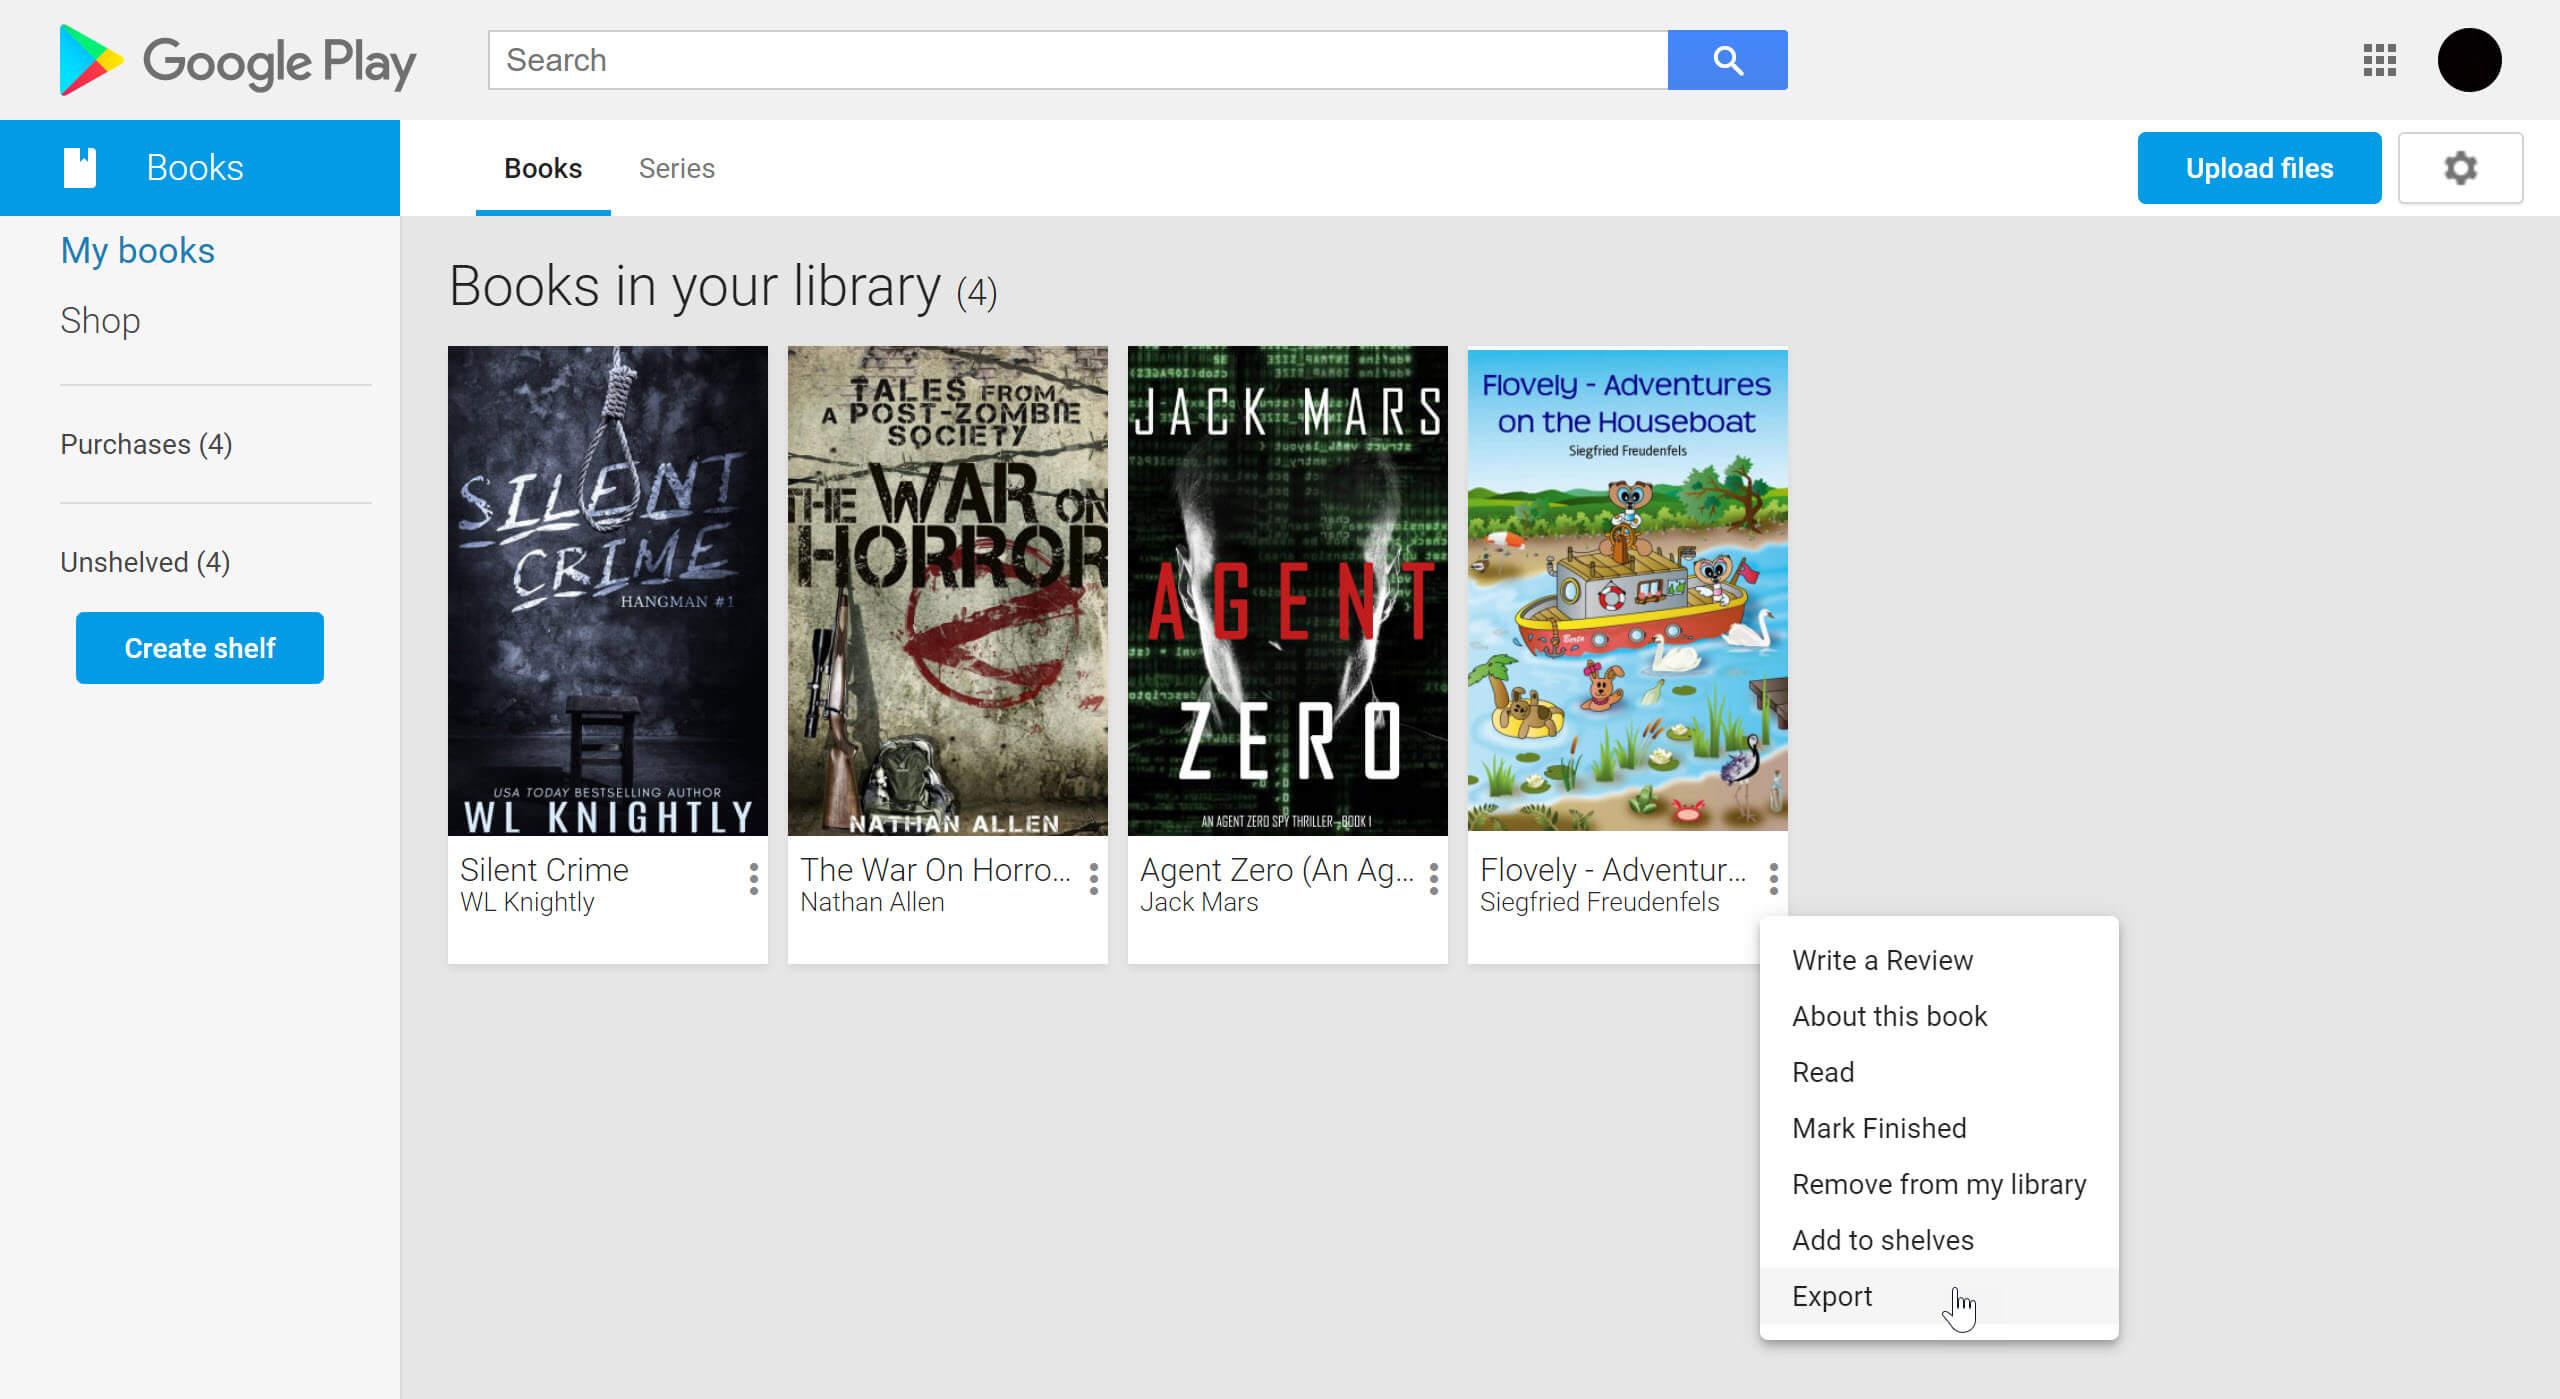 Exportar libros de Google Play Books